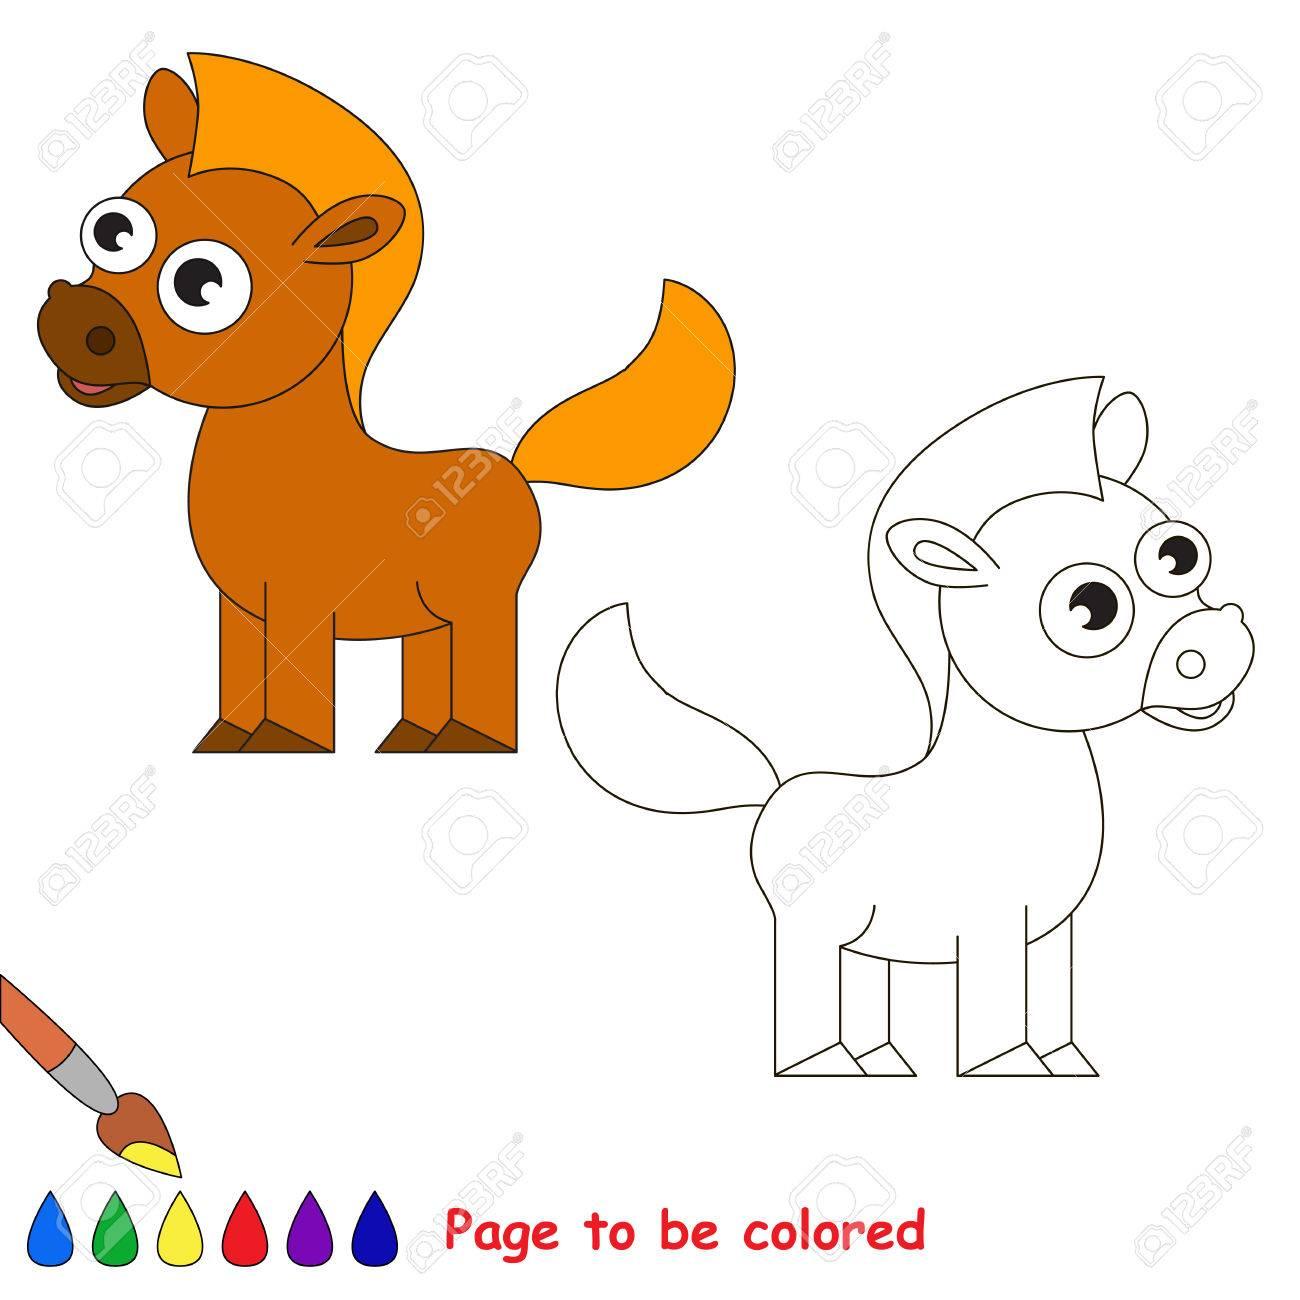 Caballo Marrón Para Colorear El Libro Para Colorear Para Niños De Preescolar Con Nivel De Juego Educativo Fácil